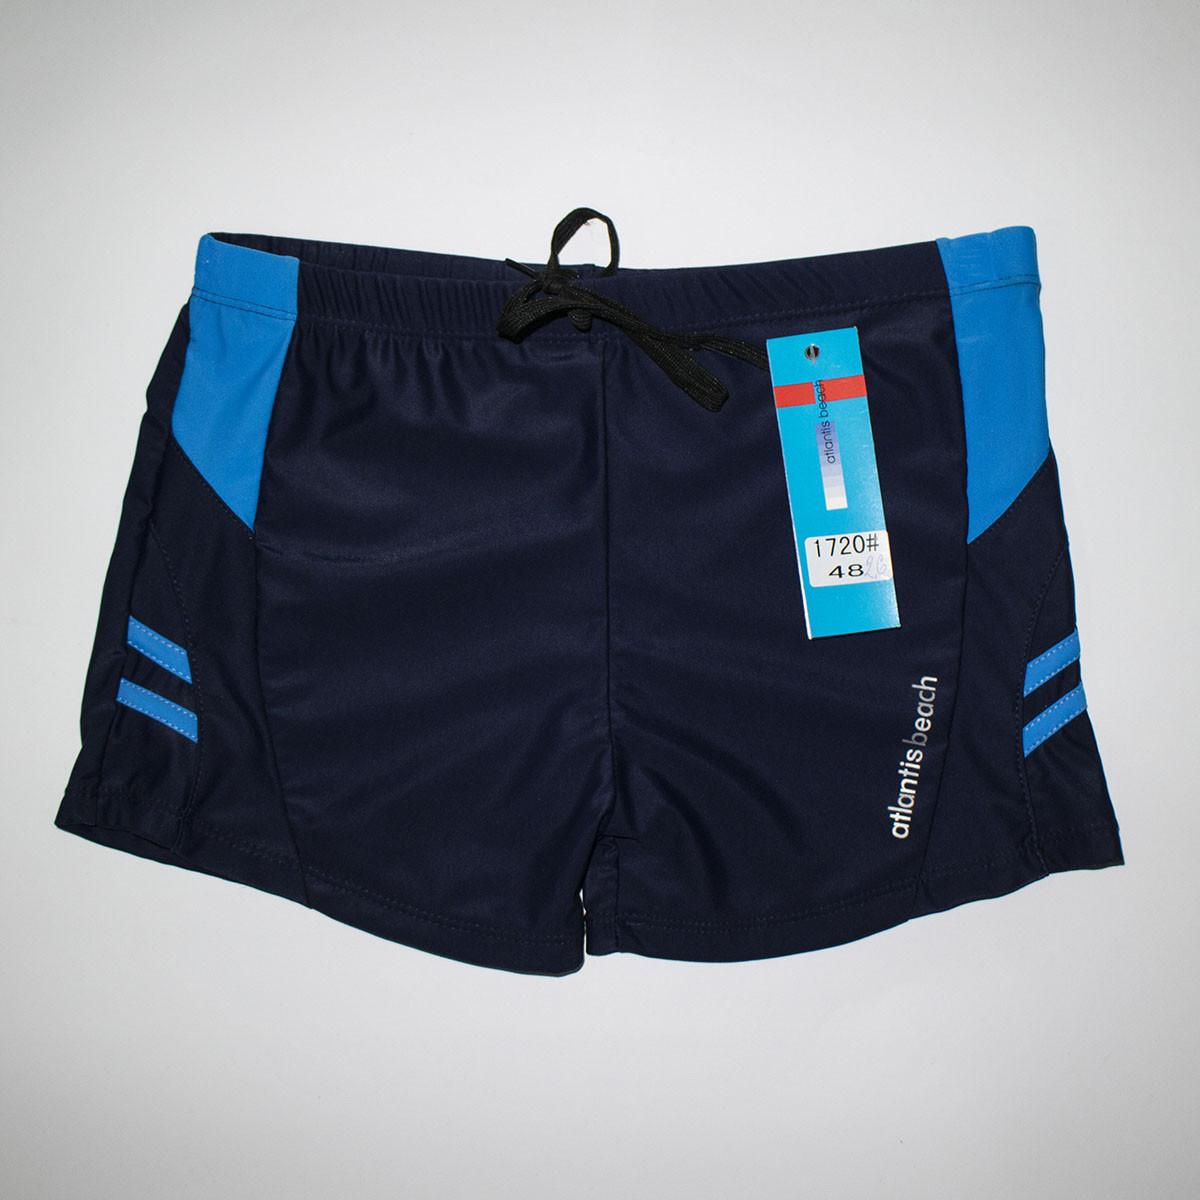 Купальные мужские шорты боксеры R1720